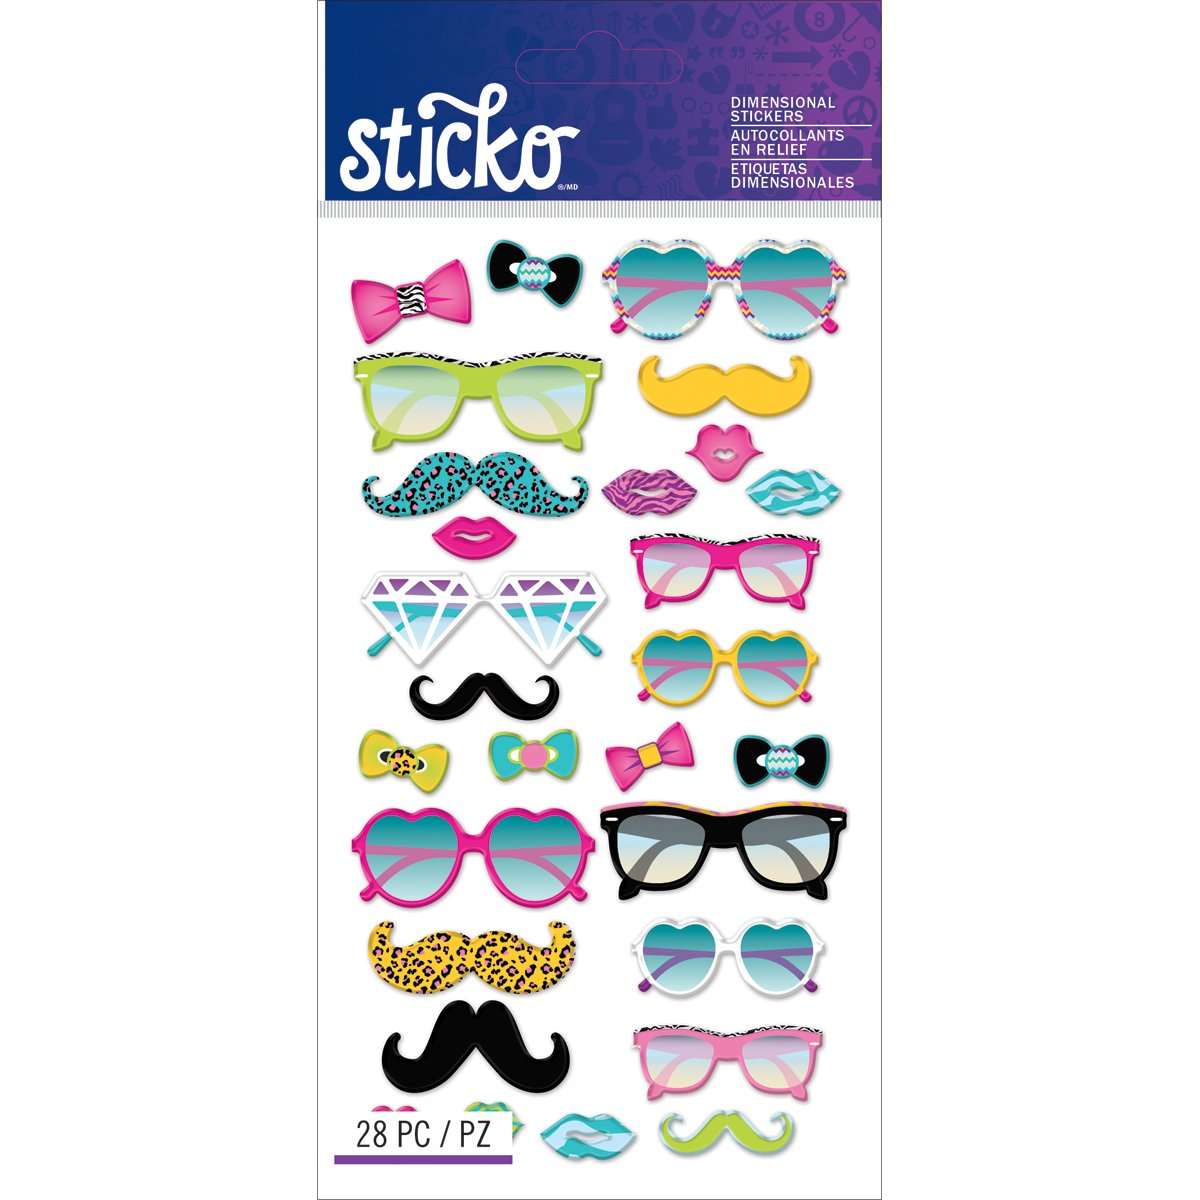 低価格 Sticko B00YD0AZ0S Glasses &シェードステッカー Sticko Glasses B00YD0AZ0S, ニシメマチ:0cec9033 --- mvd.ee